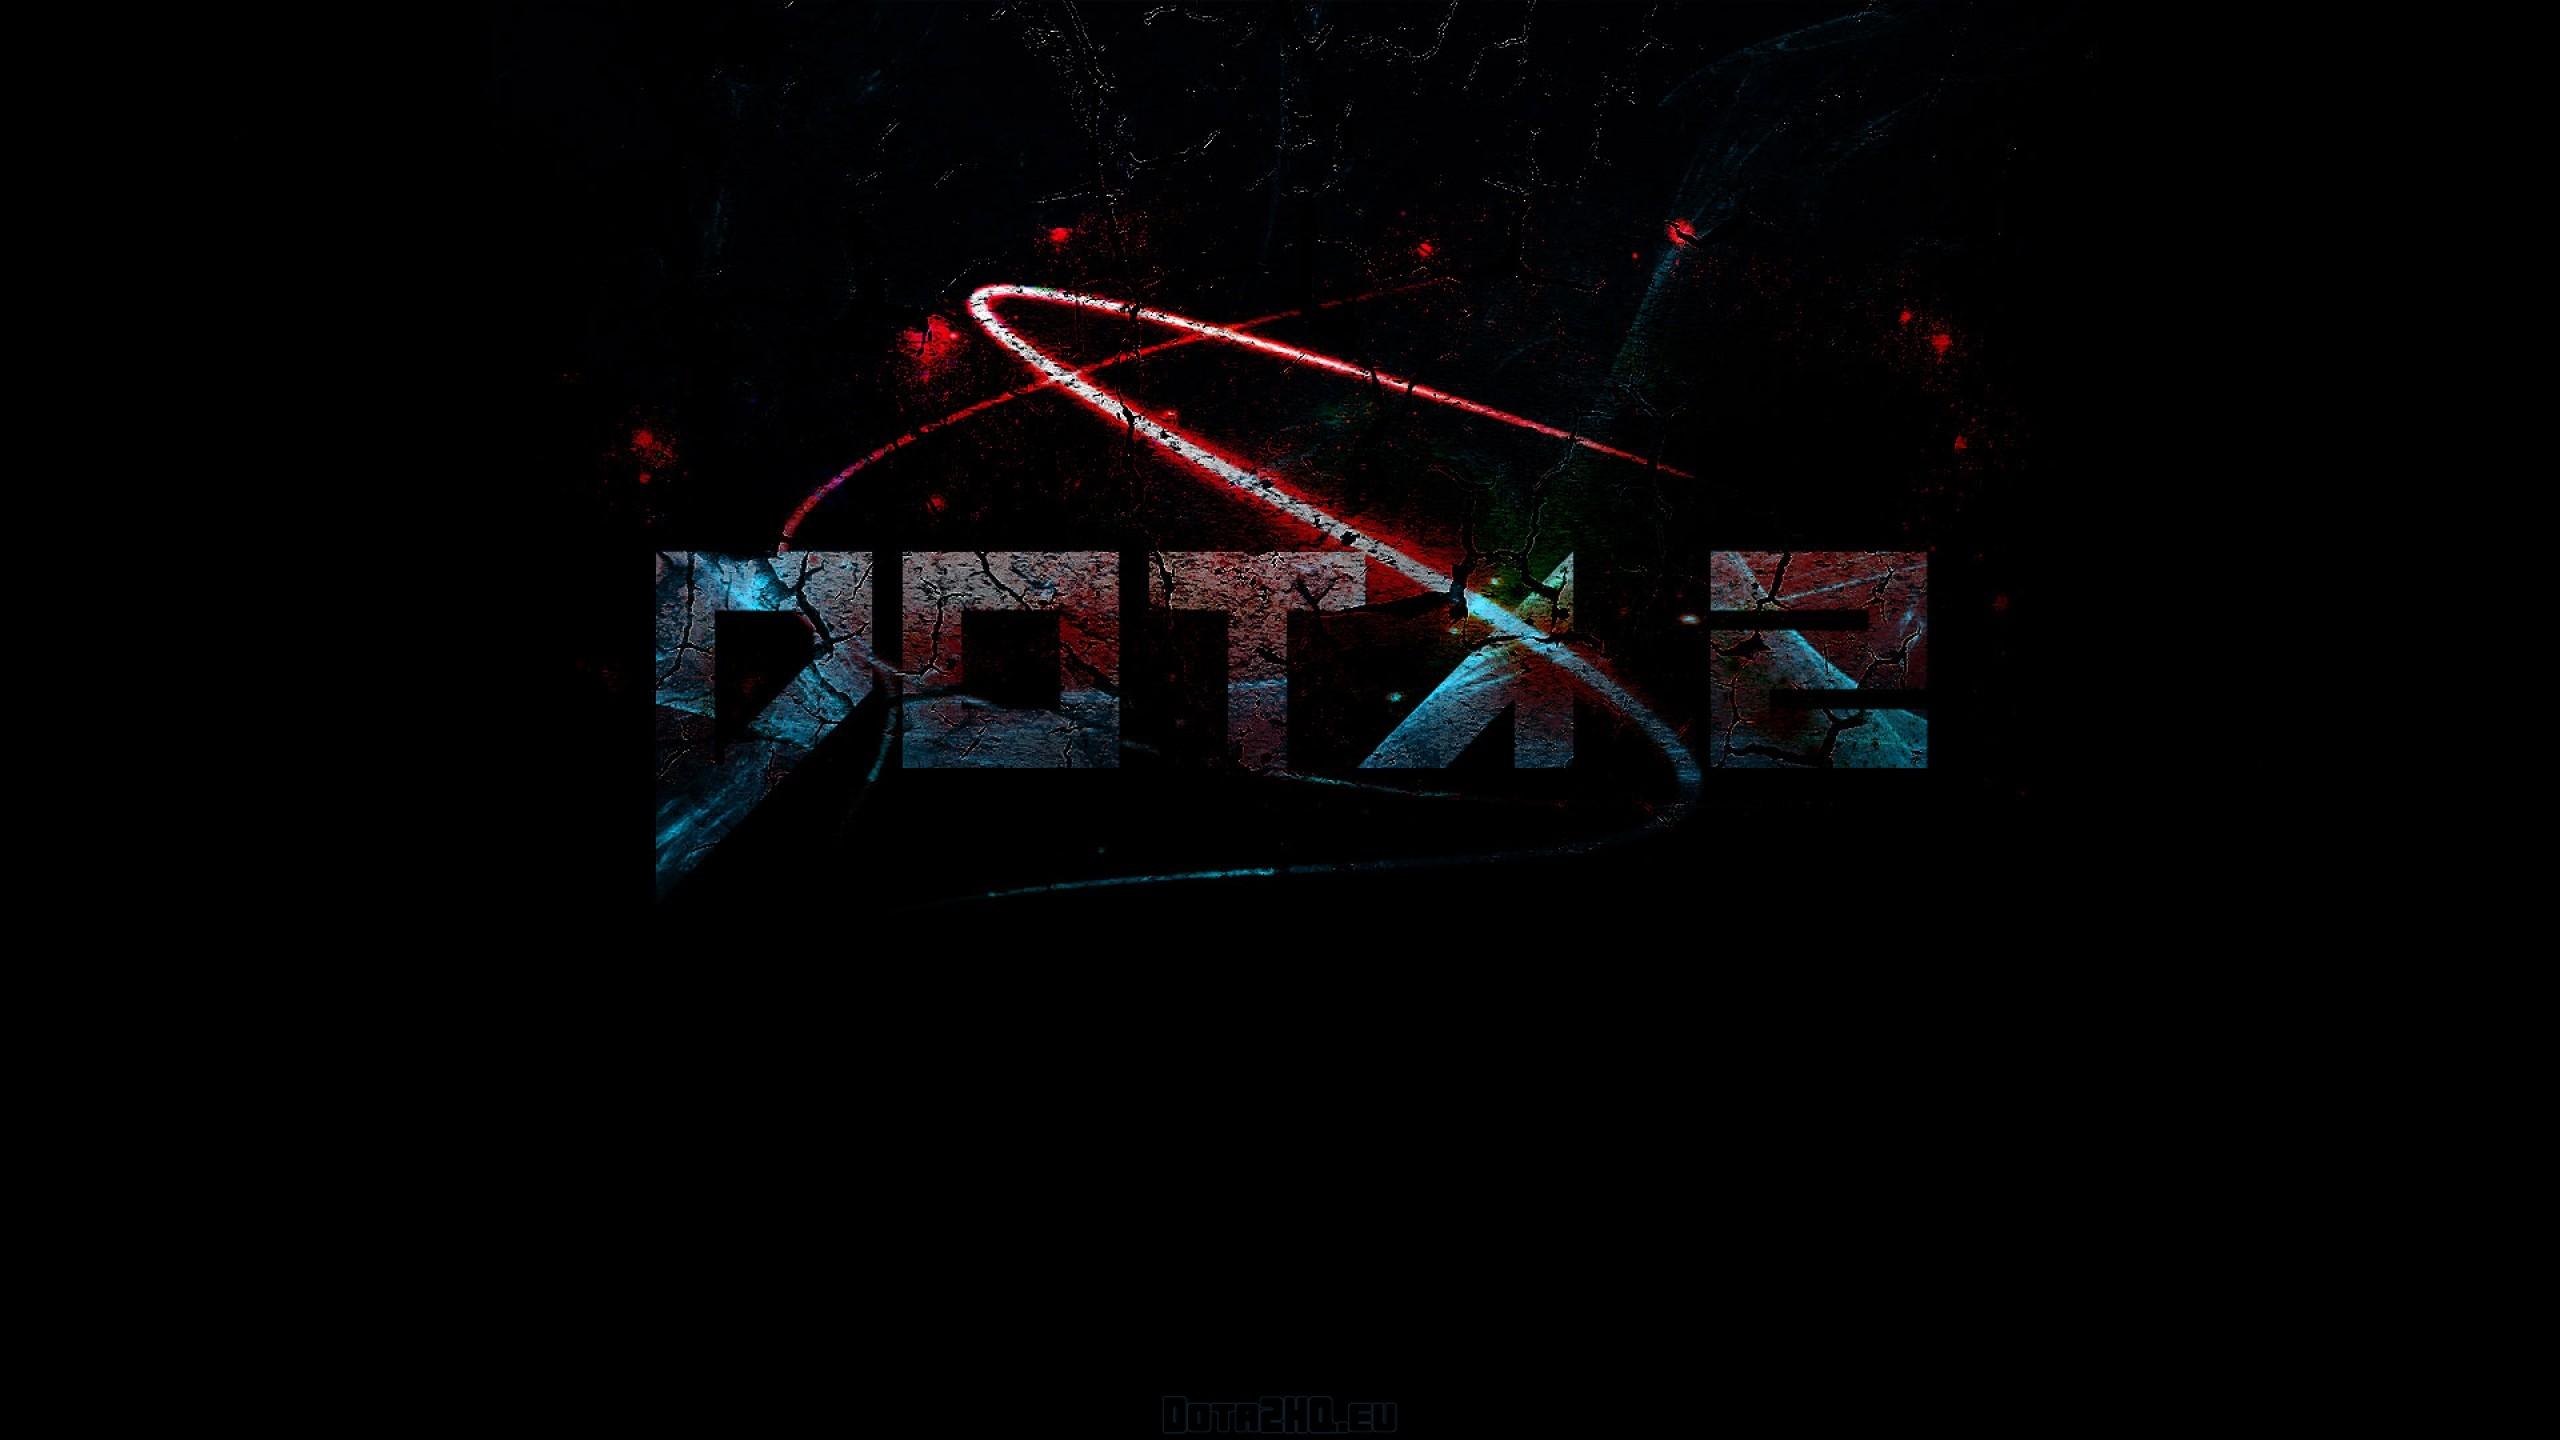 Wallpaper dota 2, logo, game